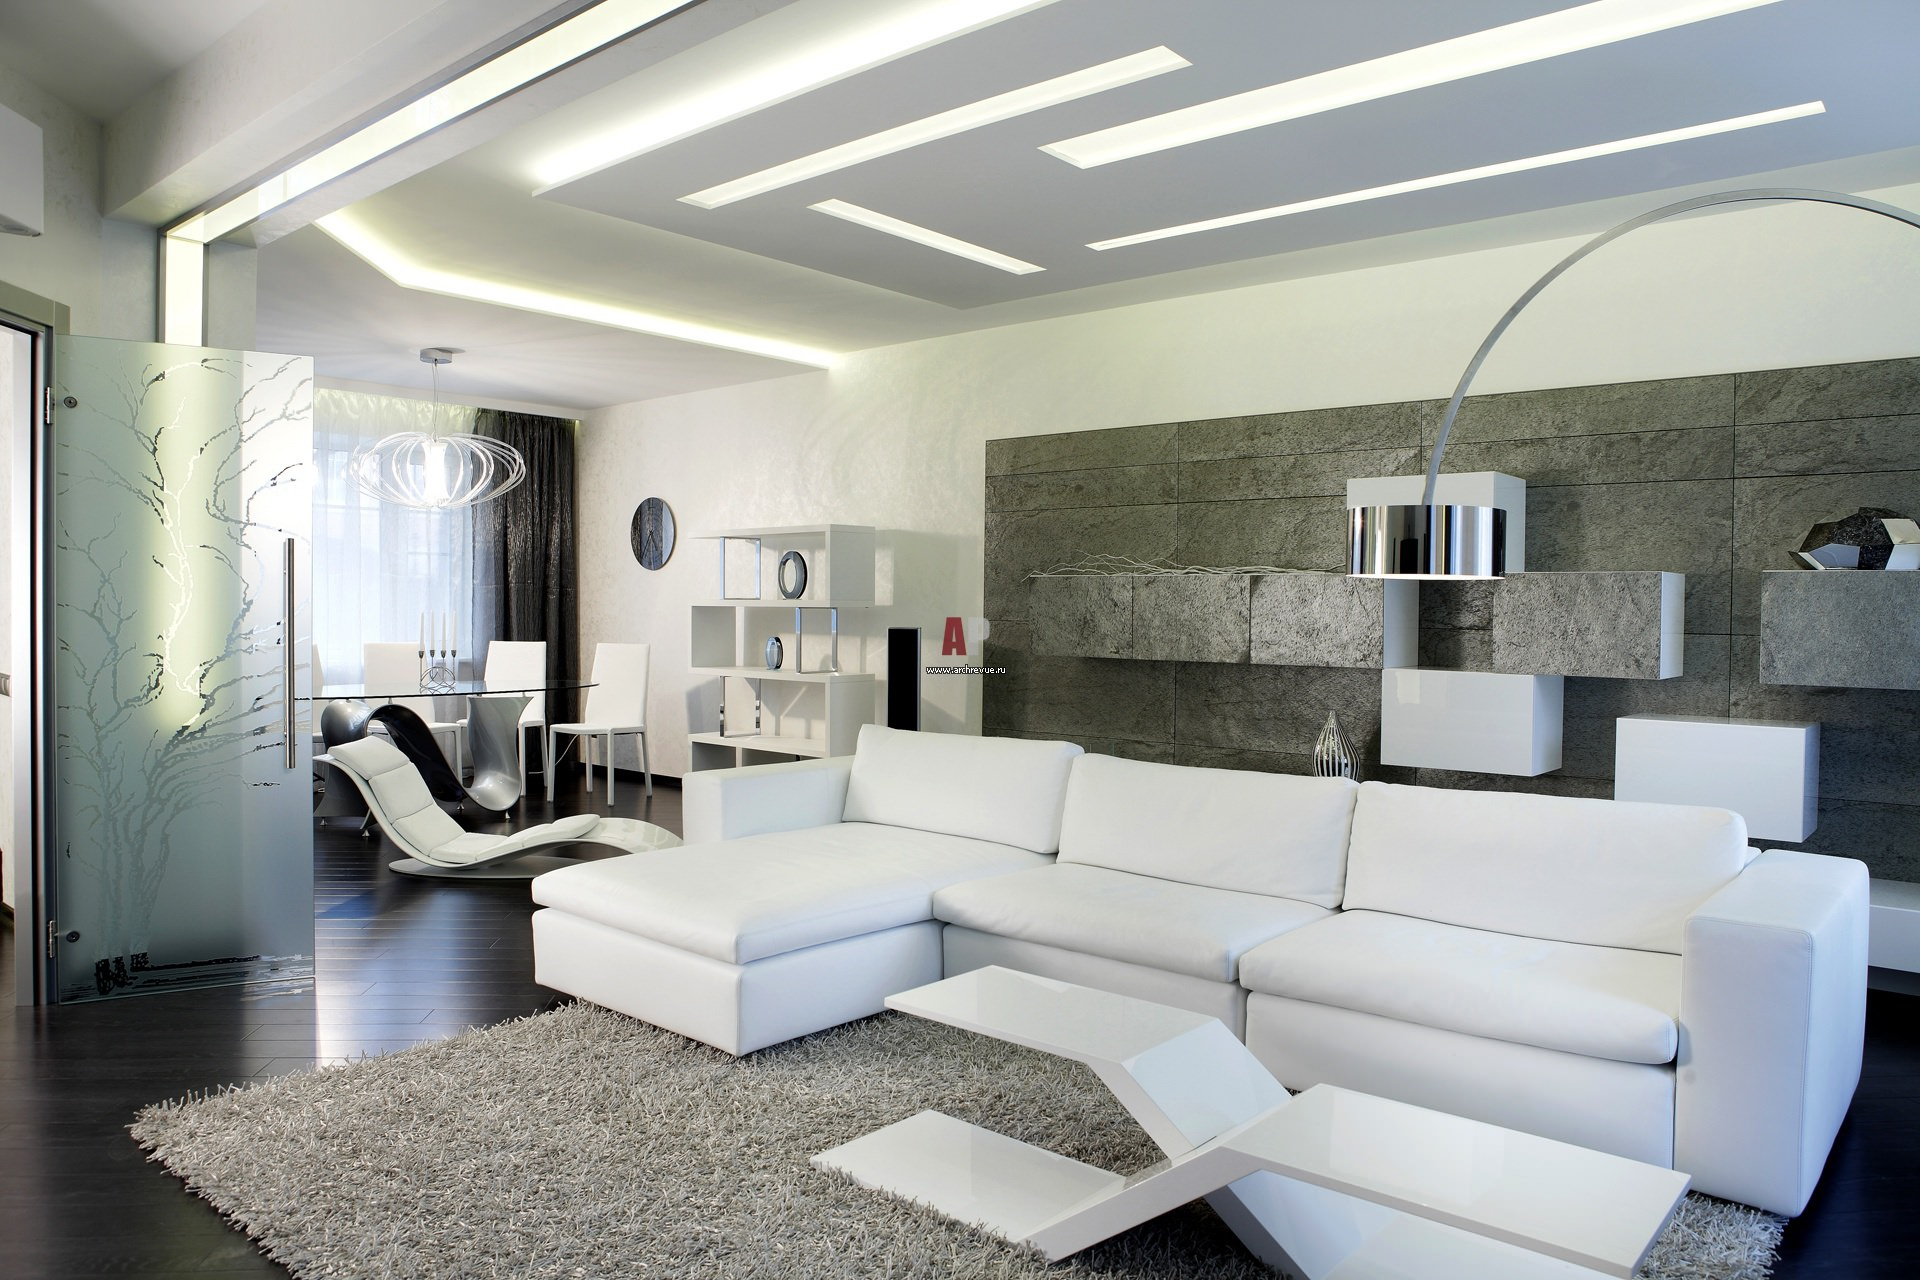 Белый интерьер гостей комнаты в минималистическом стиле примечателен современным, смелым дизайном с нотками хай-тек.